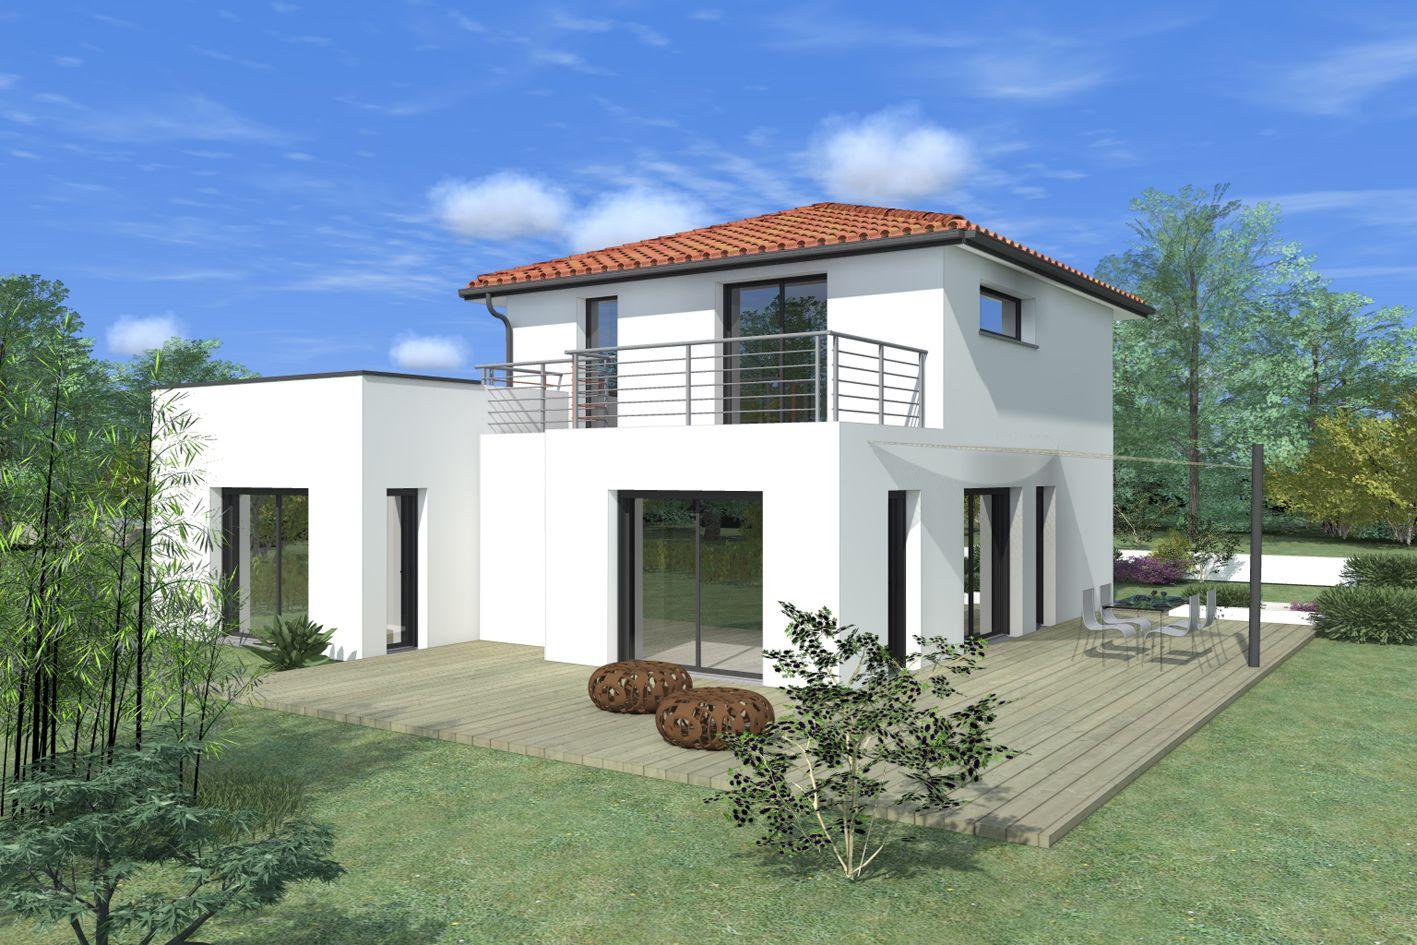 Alliance construction propose dans son catalogue de for Catalogue construction maison